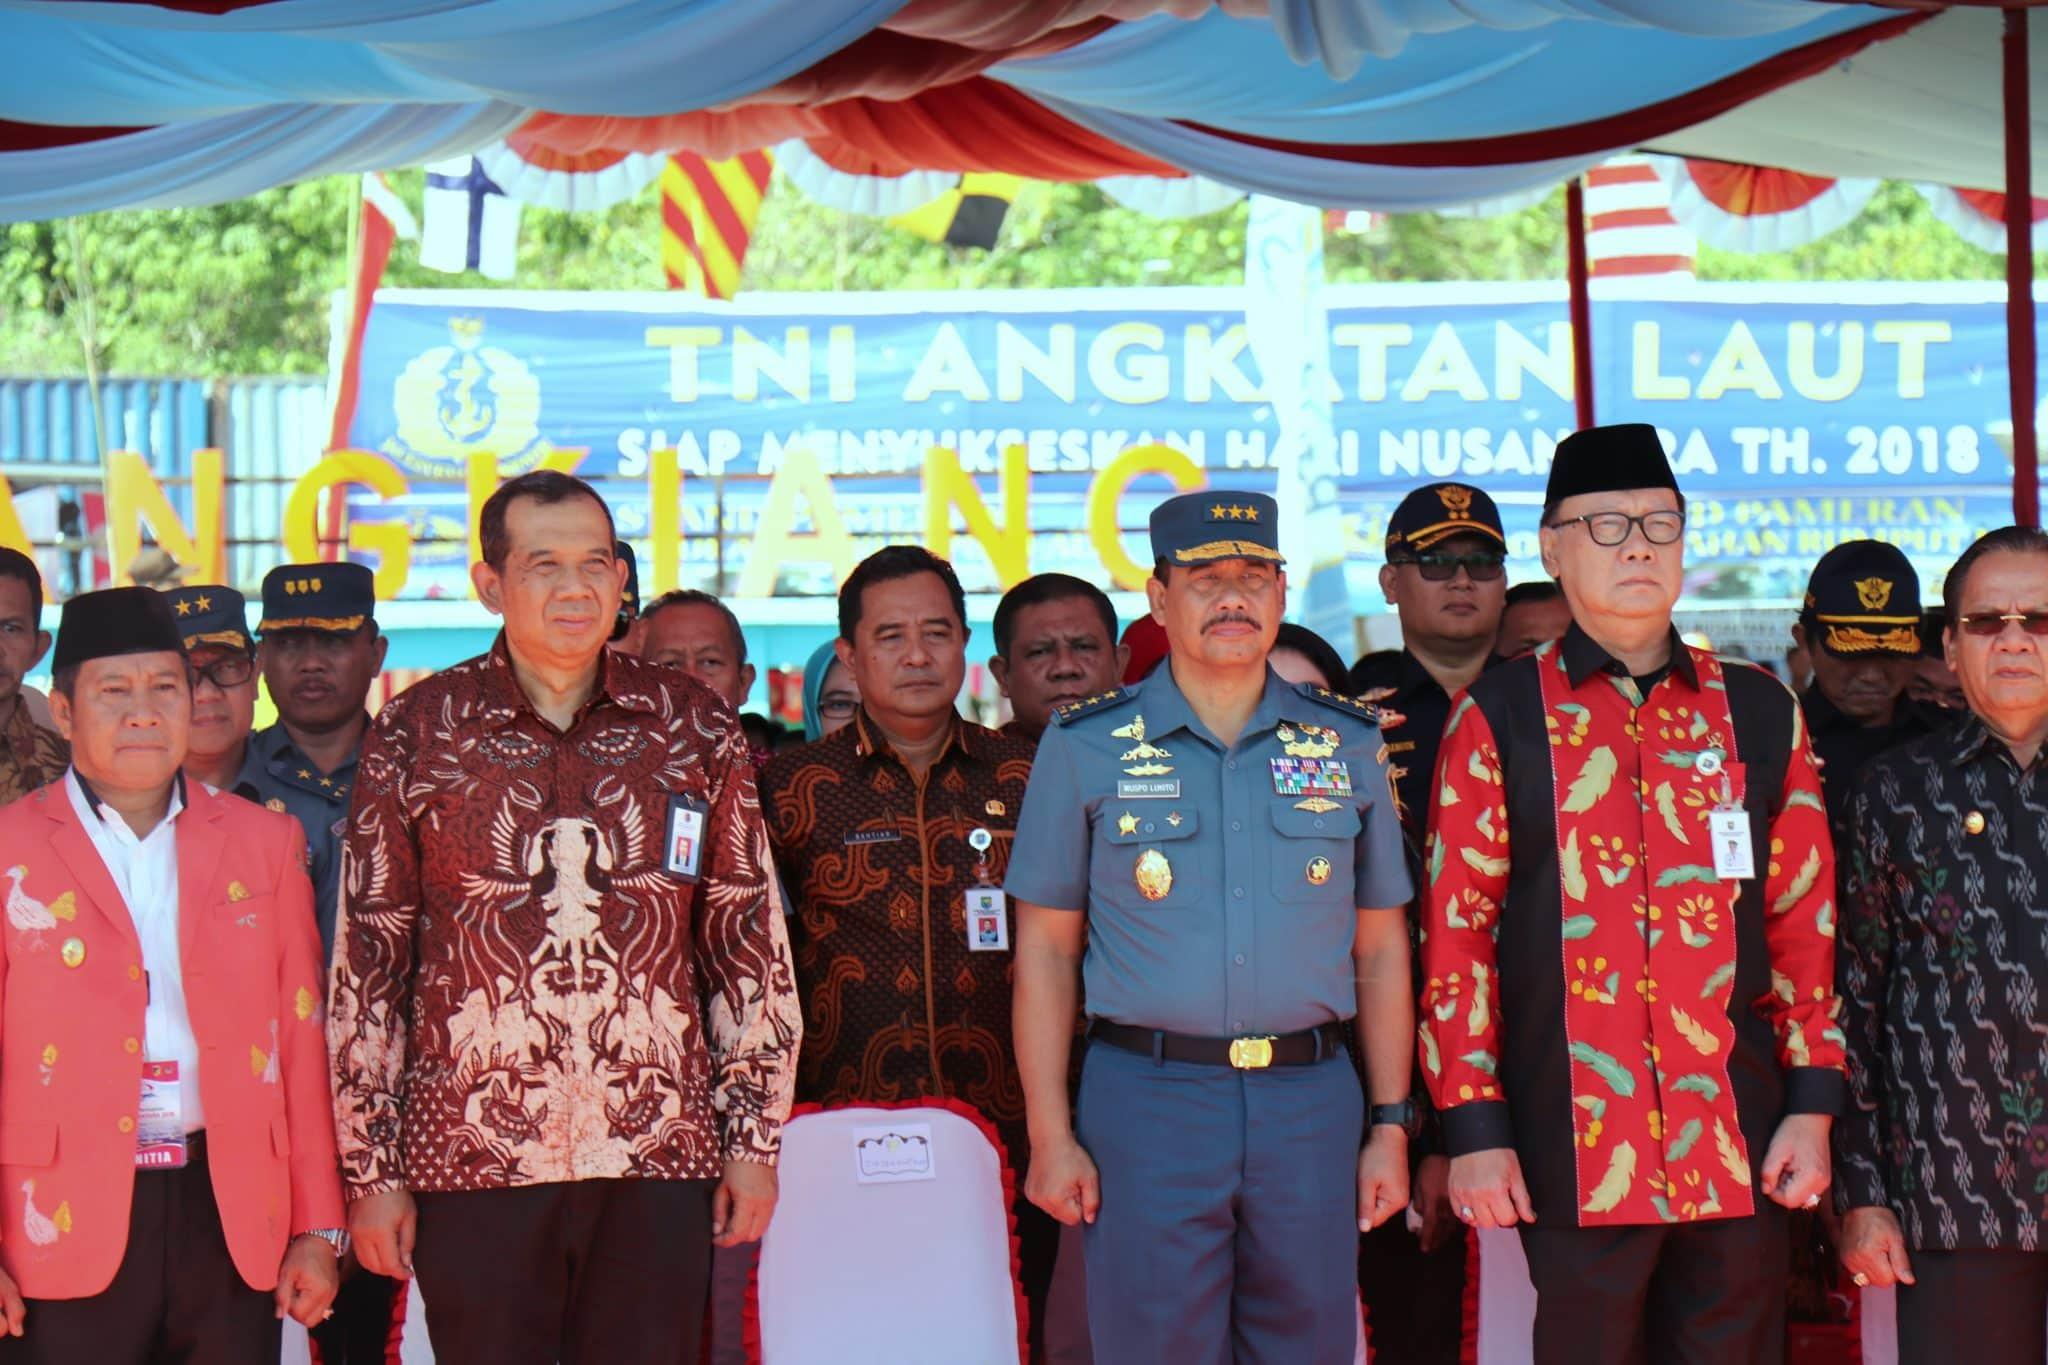 Hari Nusantara Jadikan Laut Pemersatu Untuk Indonesia Menuju Poros Maritim Dunia